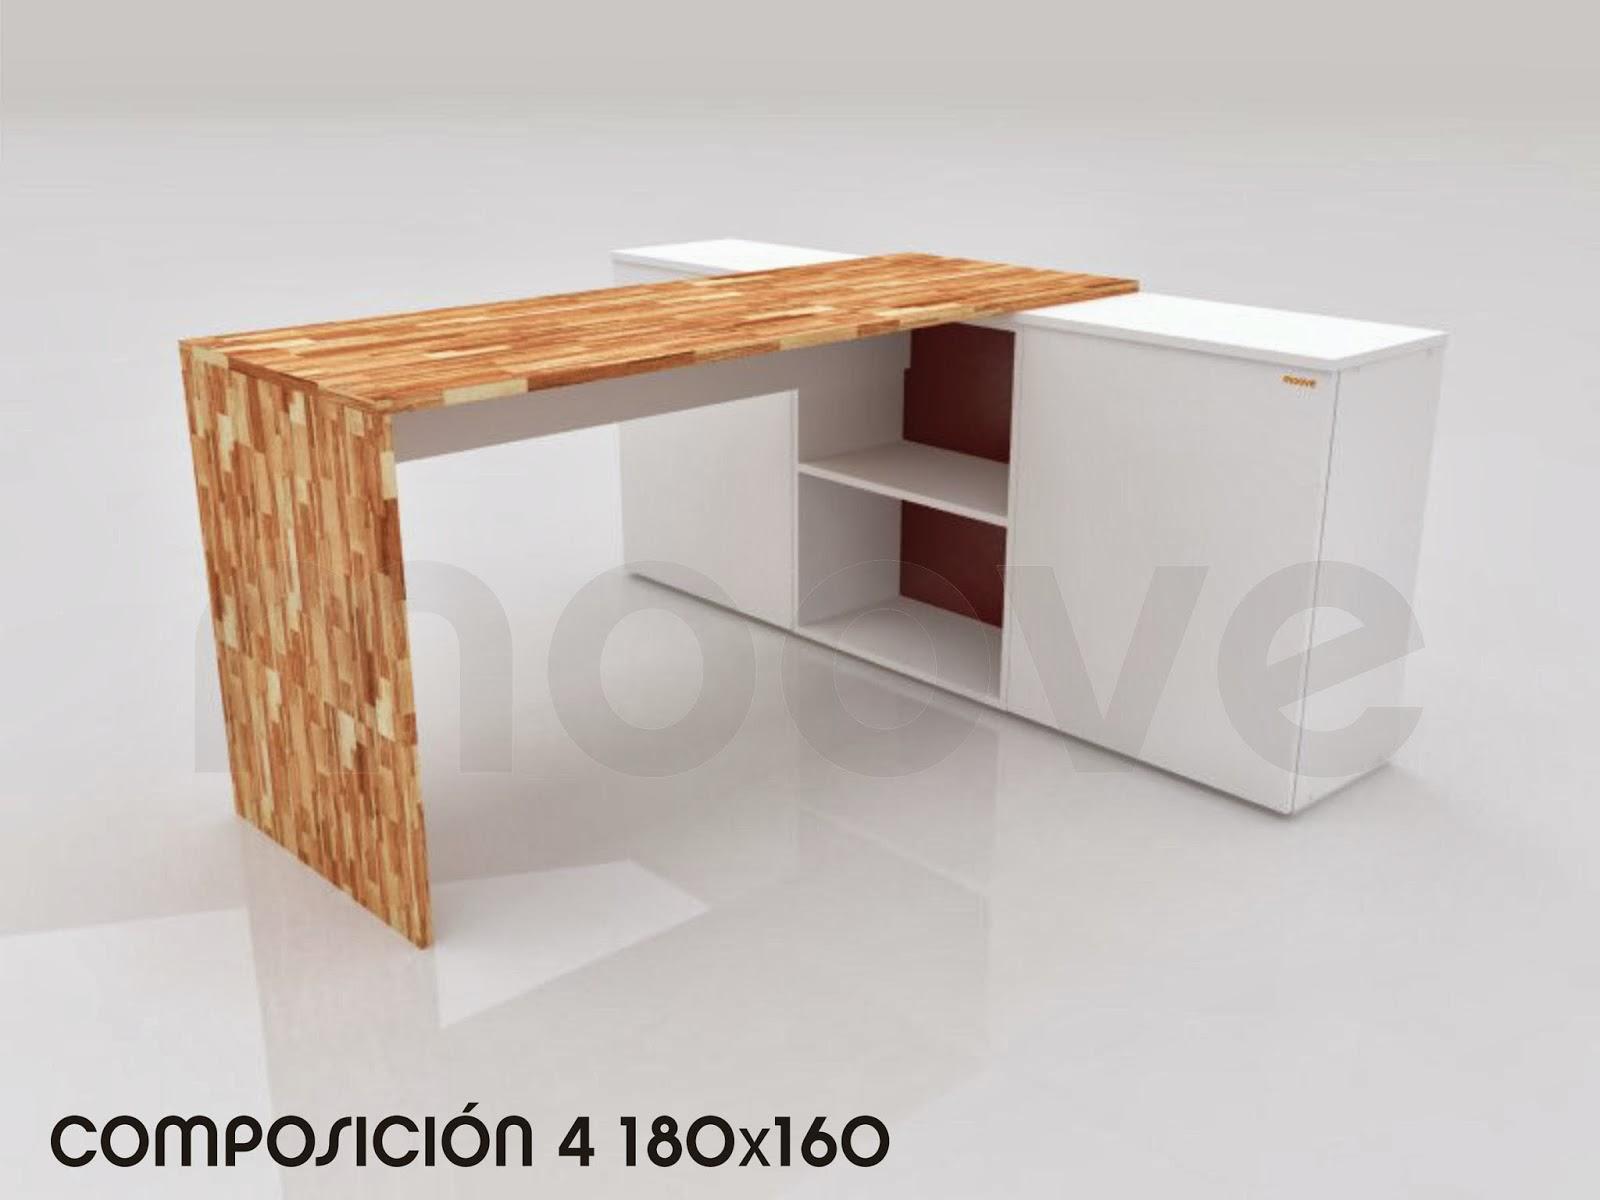 Muebles de diseño diciembre 2013